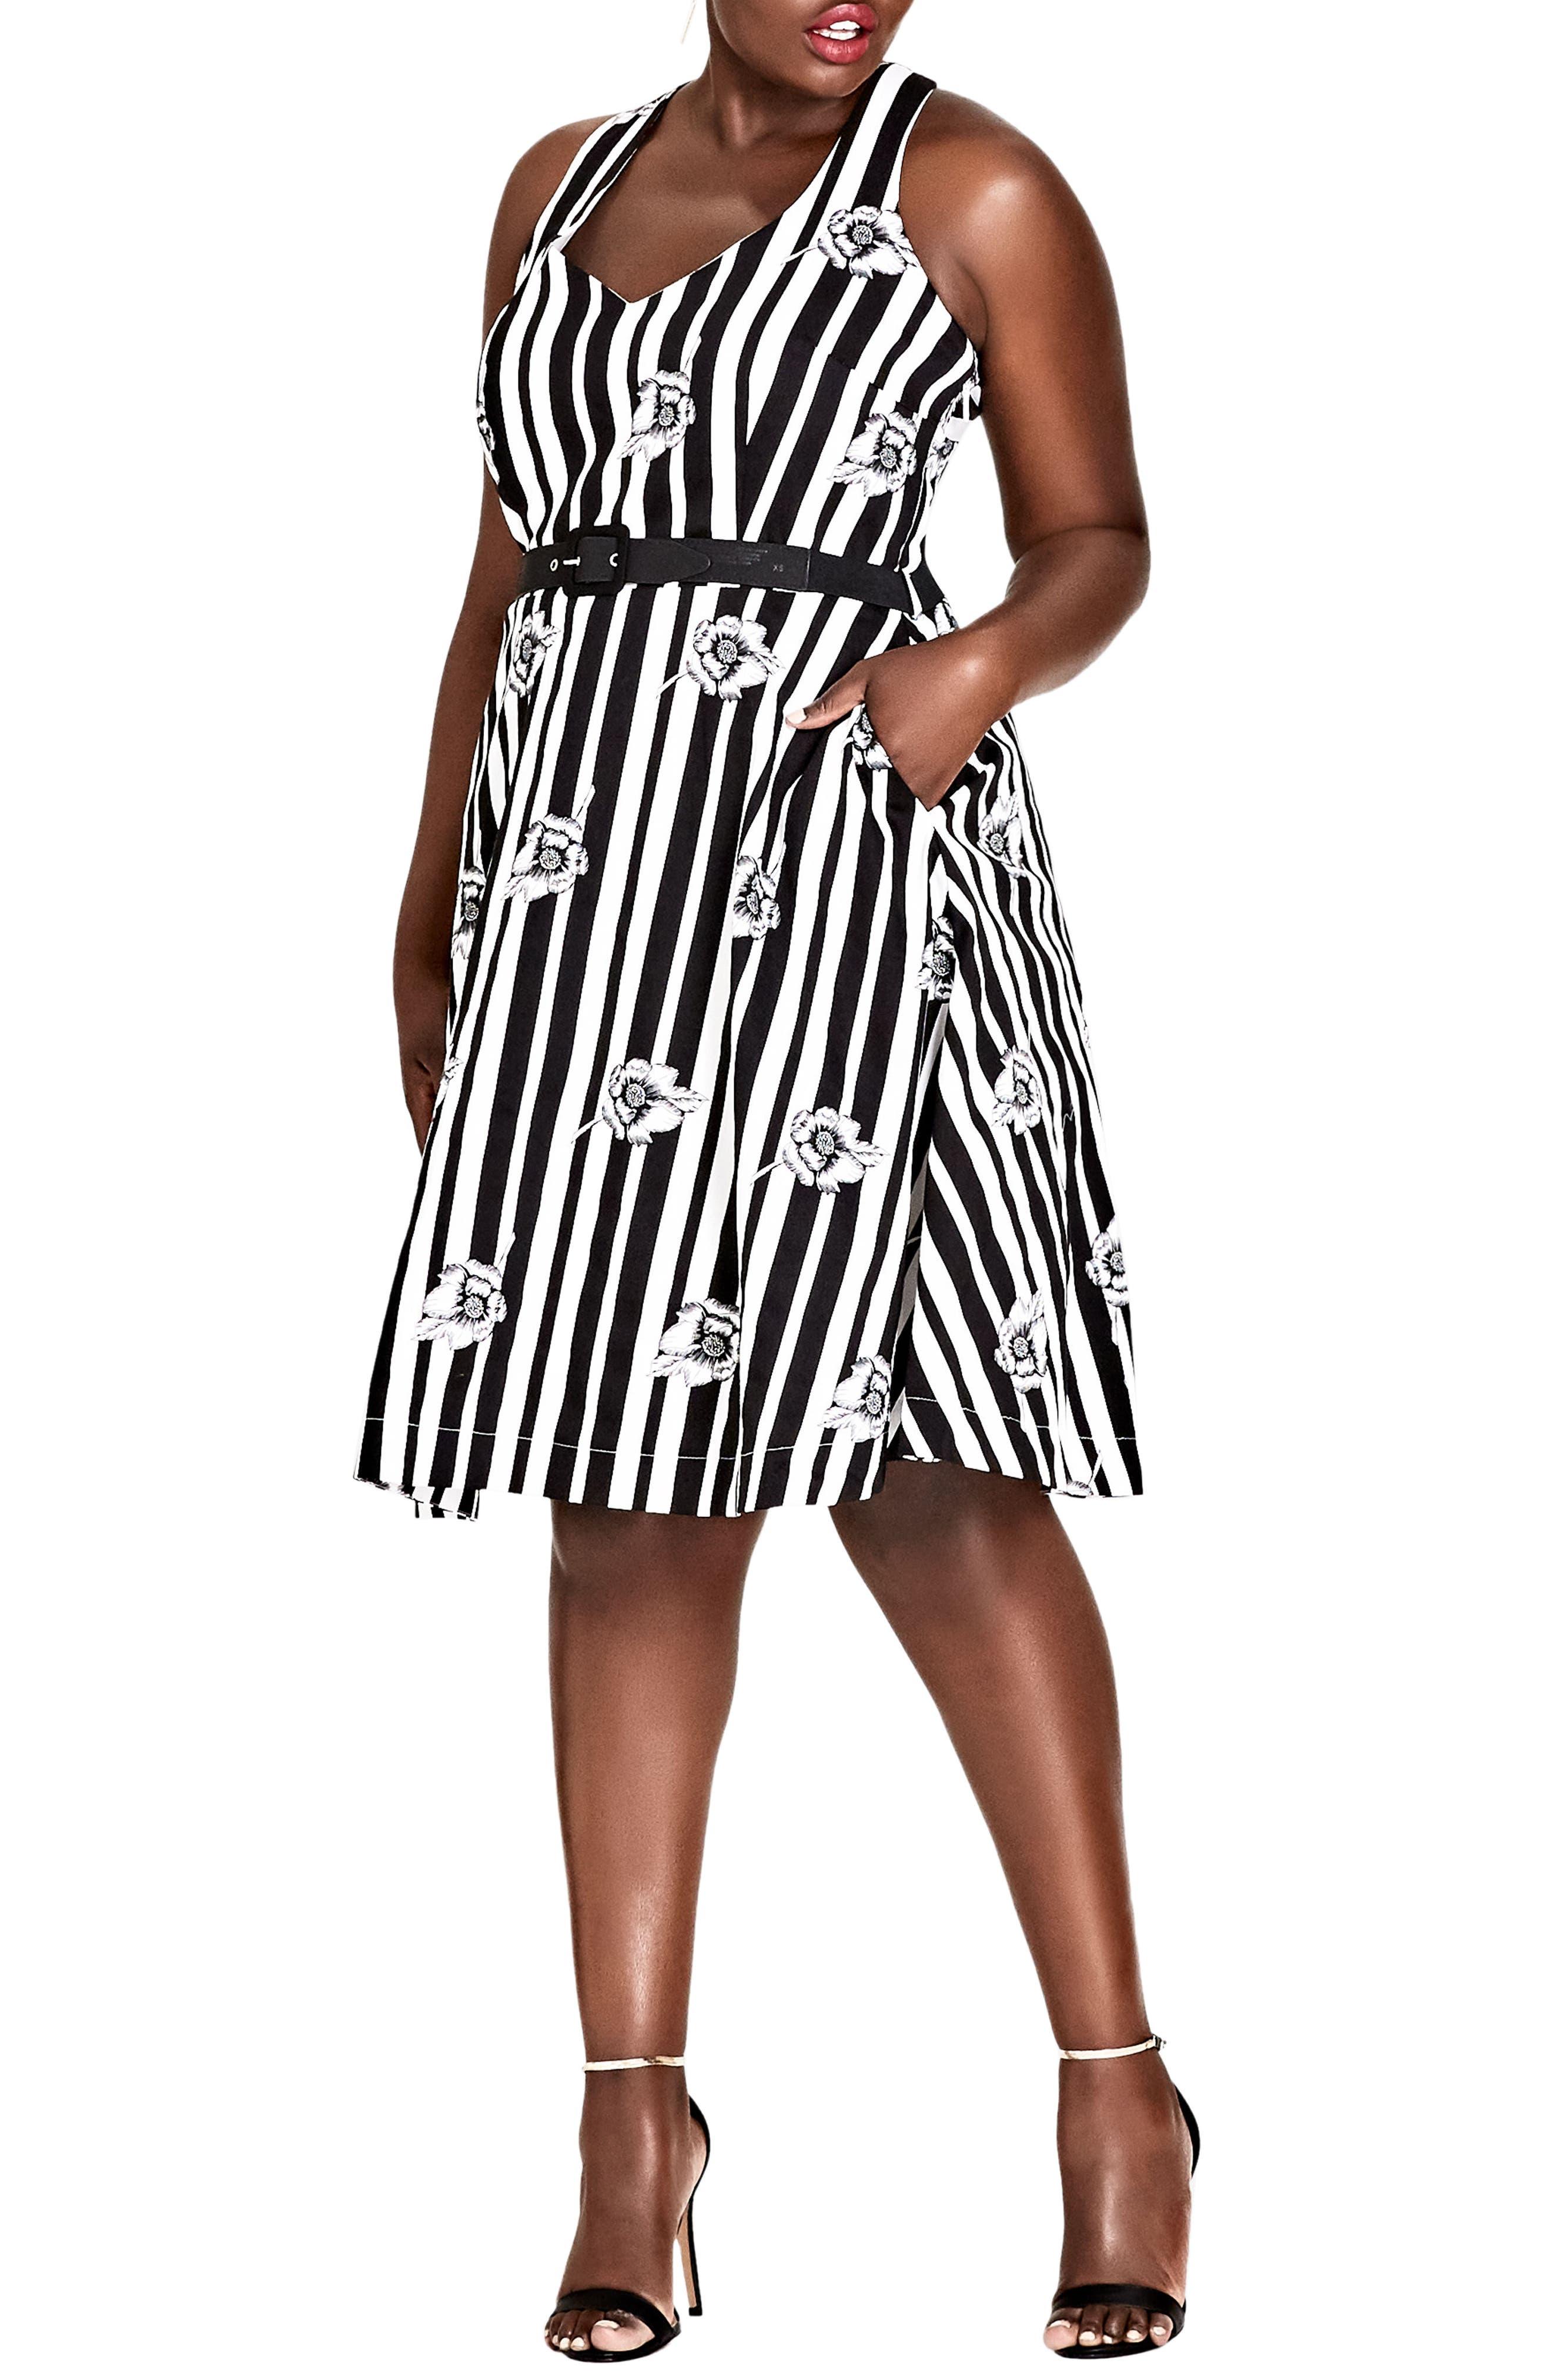 Plus Size City Chic Floral Fit & Flare Dress, Black